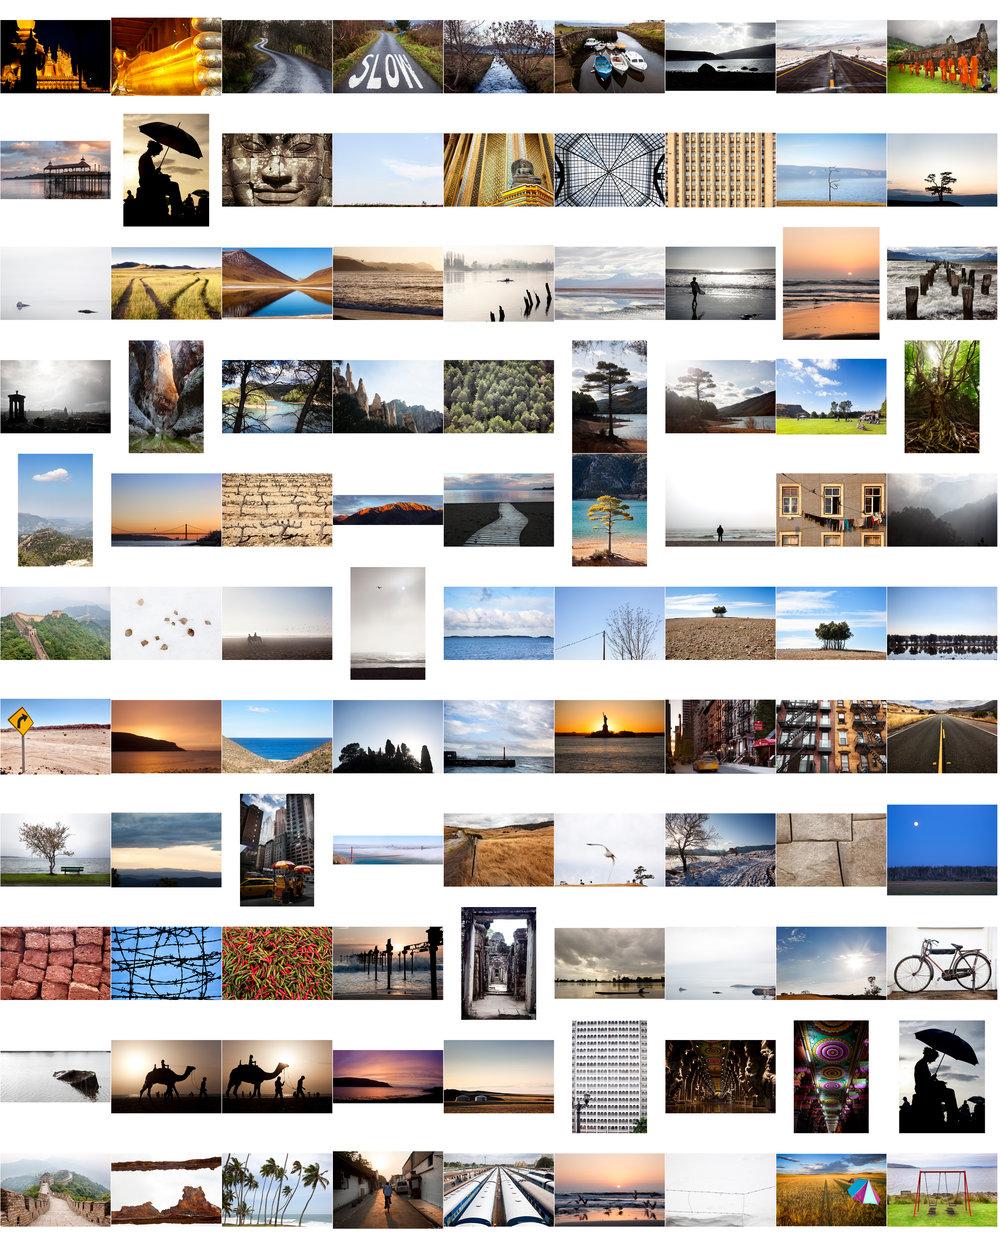 Cada semana iremos lanzando diferentes imágenes para que puedas elegir la que mas te guste